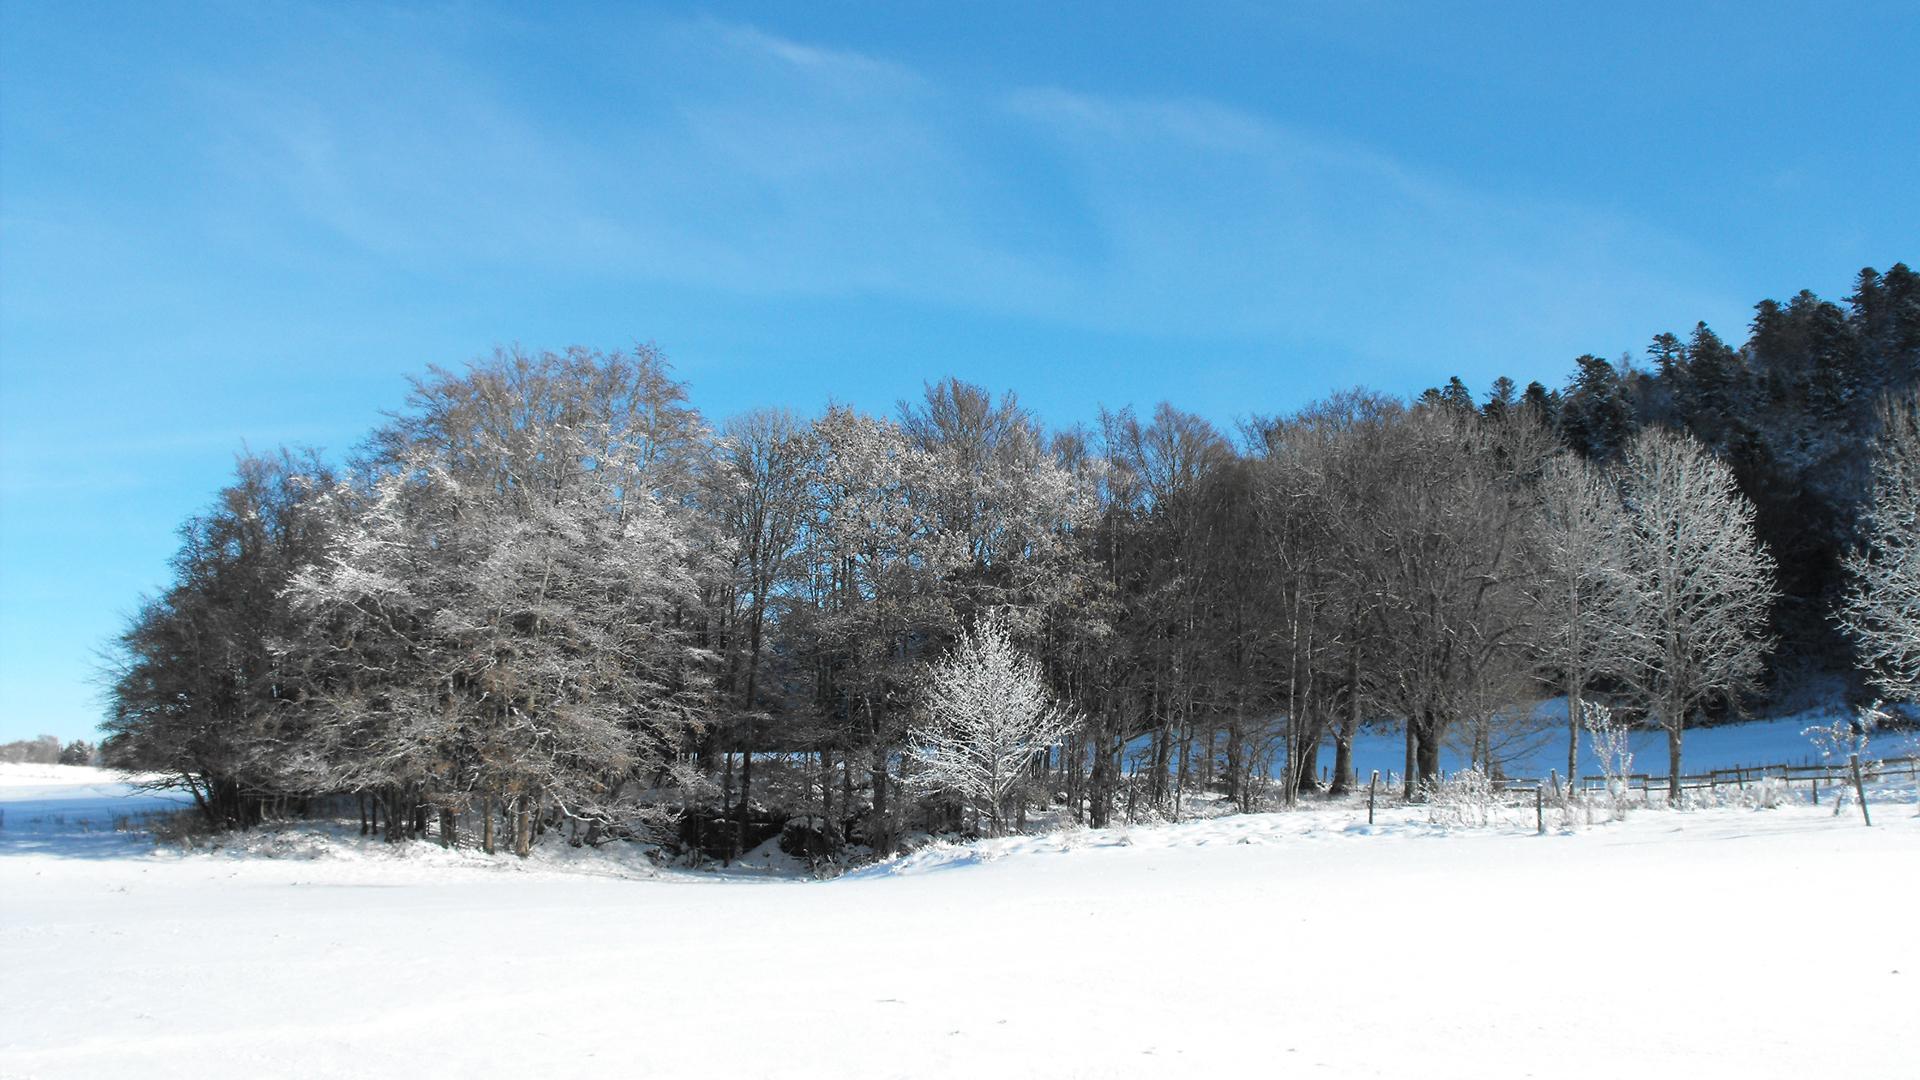 Les Chalets Nature Vercors - Location de chalets au coeur du parc naturel régional du Vercors - Foire aux Questions